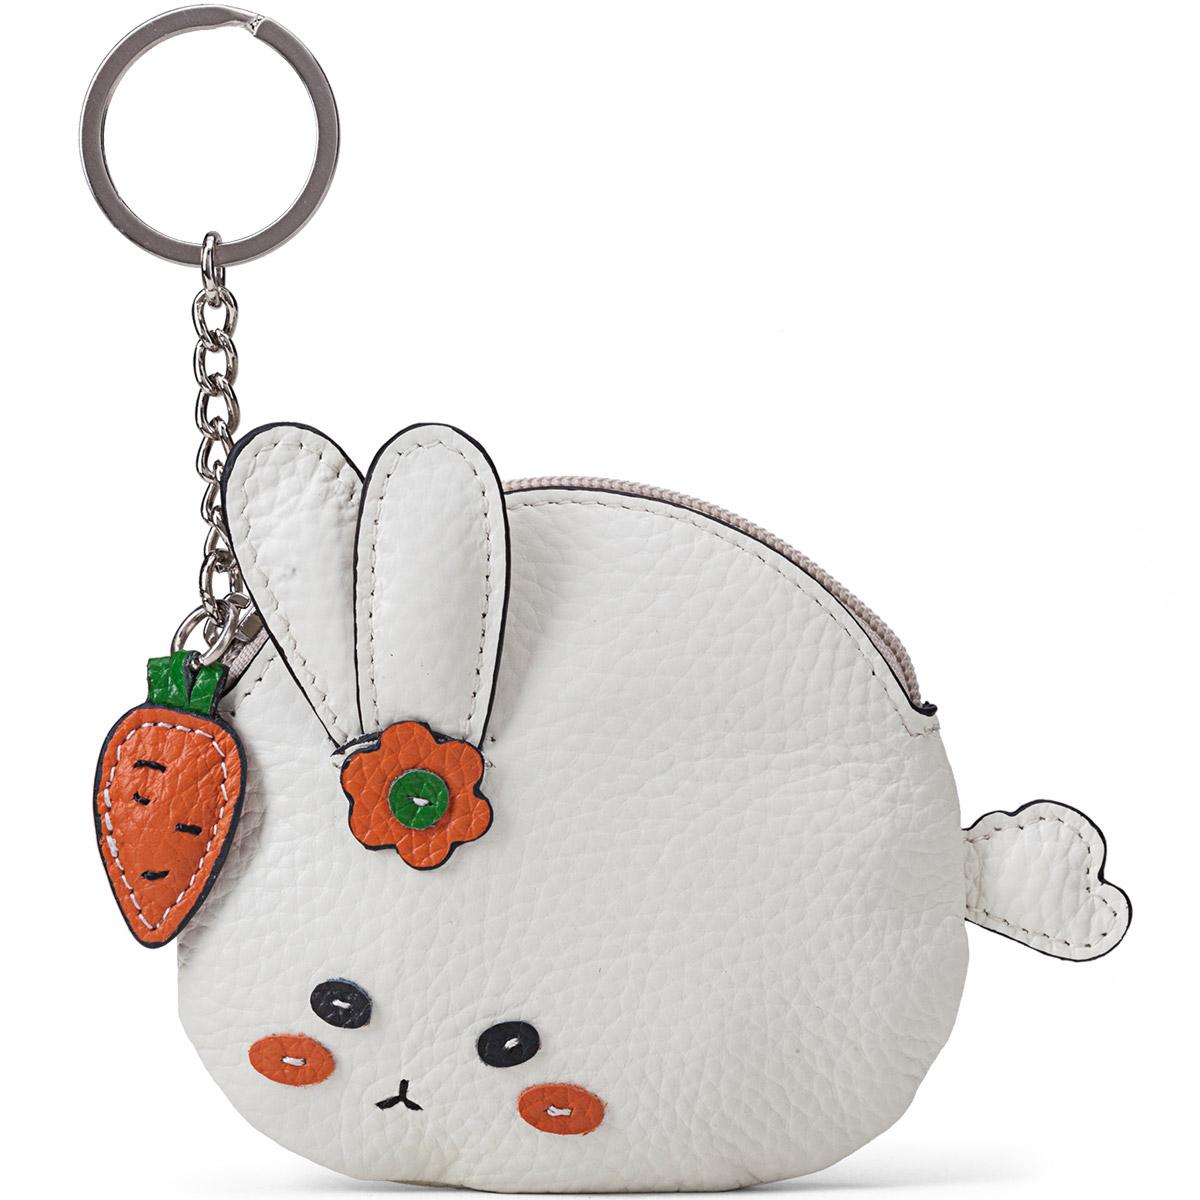 半坡真皮零钱包新款时尚实用包包挂件可爱兔子钥匙扣小钱包女